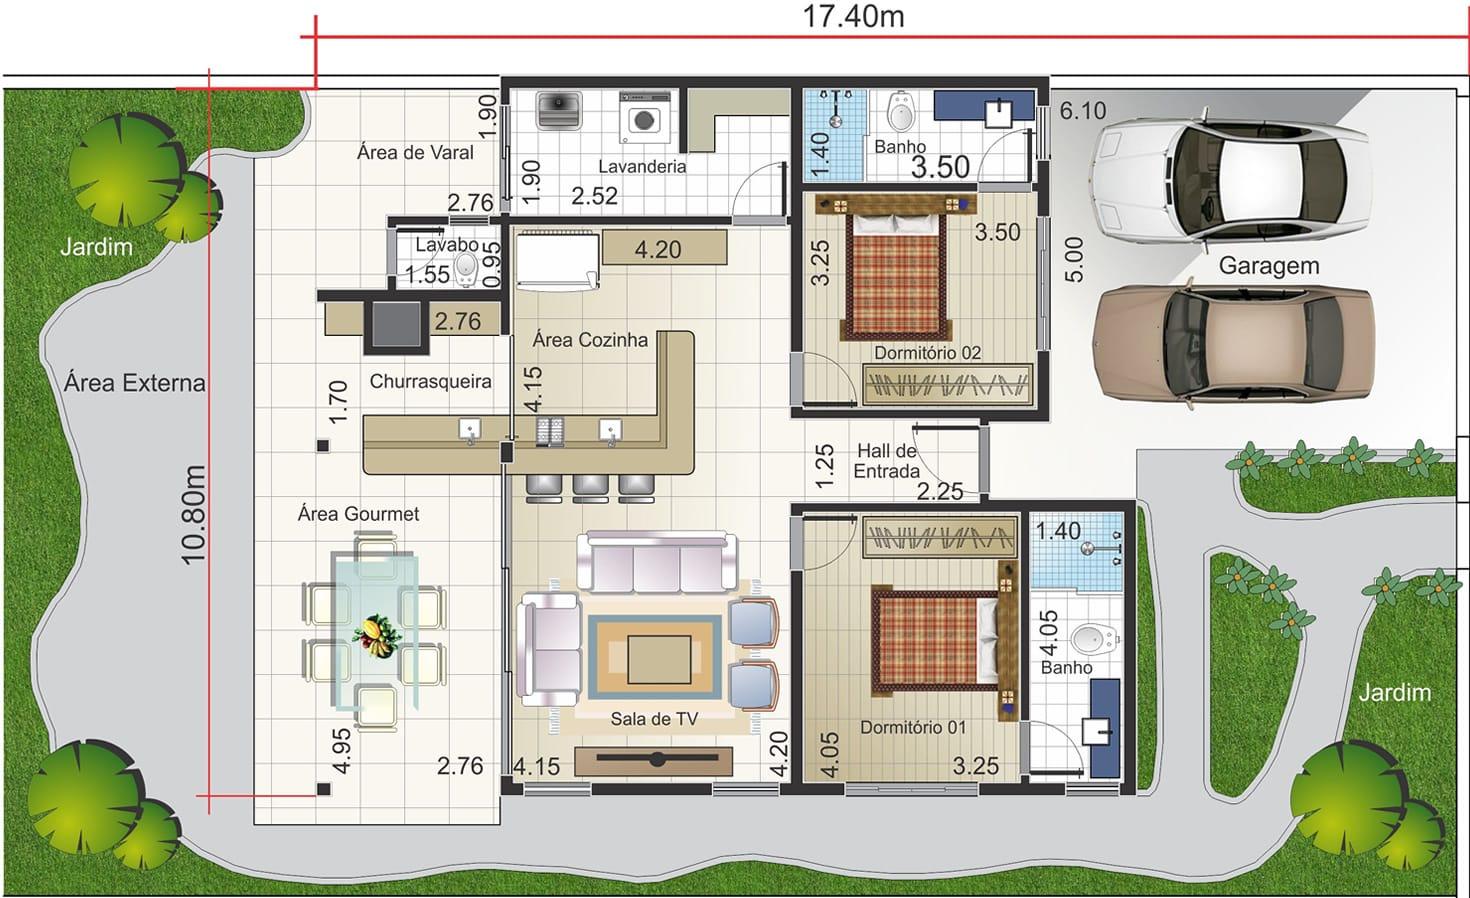 Imagens de #9CB314 Planta de casa térrea rústica Projetos de Casas Modelos de Casas  1470x898 px 3408 Bloco Cad Banheiro Vista Frontal